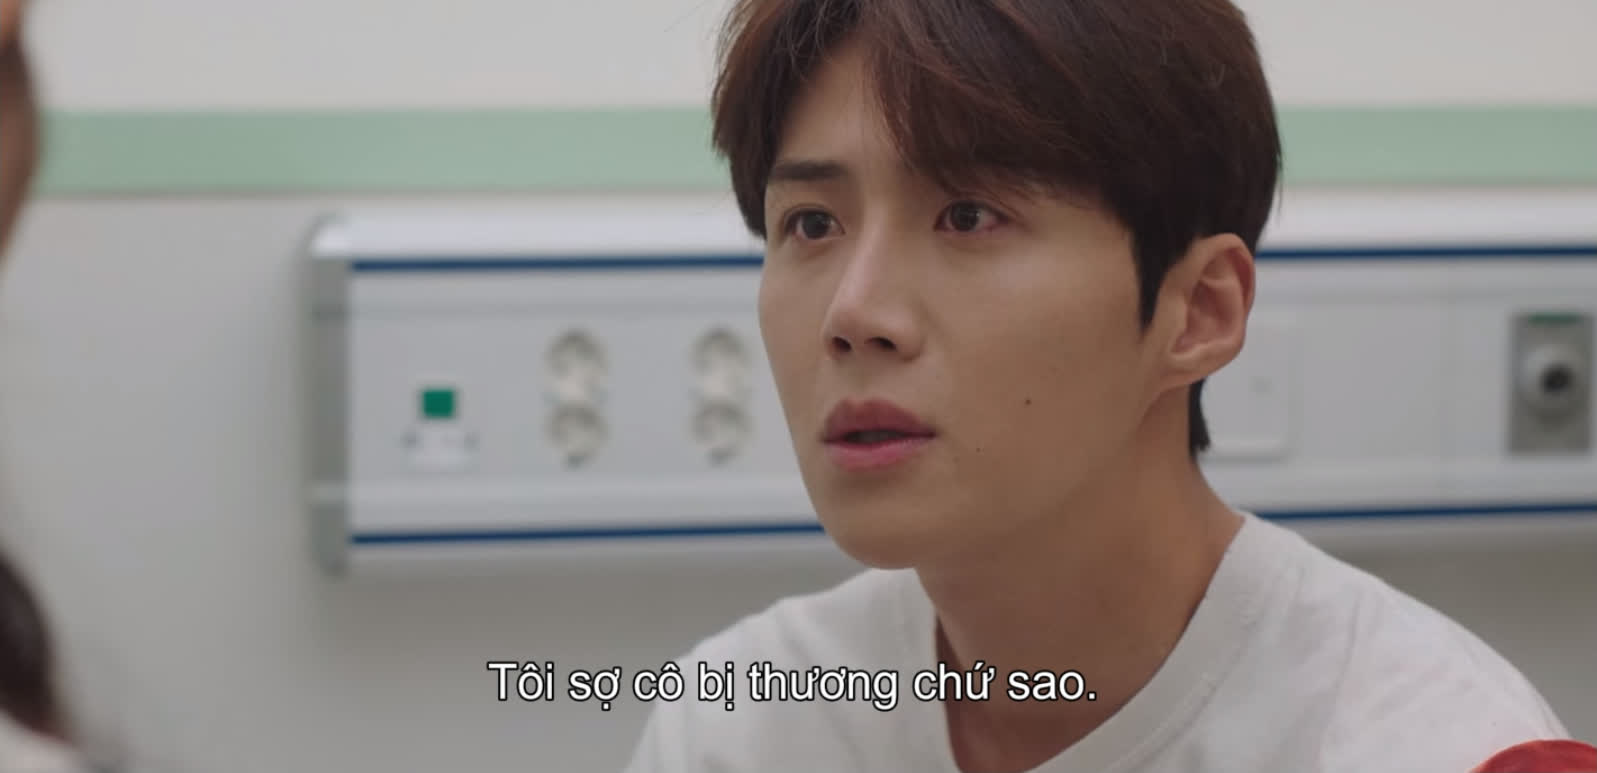 Shin Min Ah vừa tỏ tình, Kim Seon Ho đã đáp lễ bằng nụ hôn ngọt lịm ở Hometown Cha-Cha-Cha tập 10 - Ảnh 2.